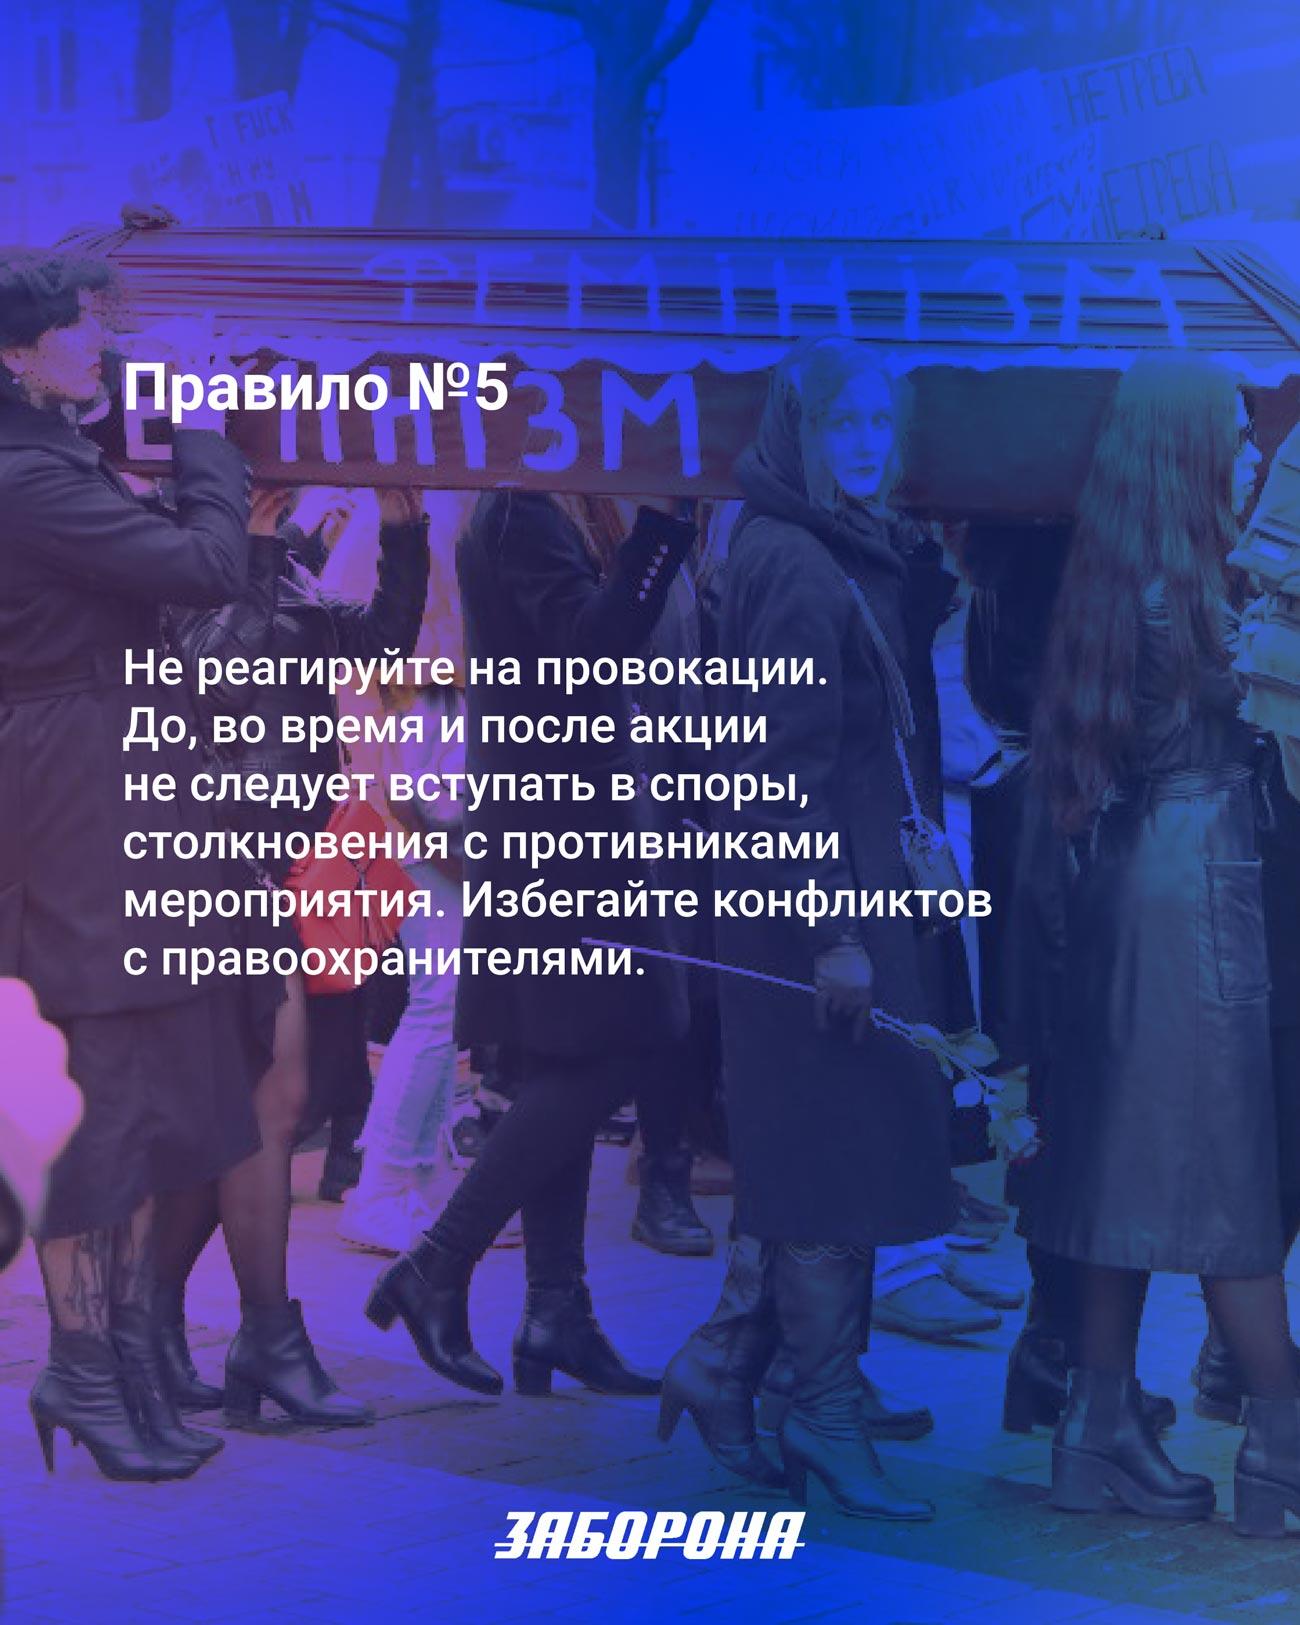 women march cards rule 5 ru - <b>Как сходить на марш и вернуться невредимой.</b> Краткая инструкция по безопасности - Заборона